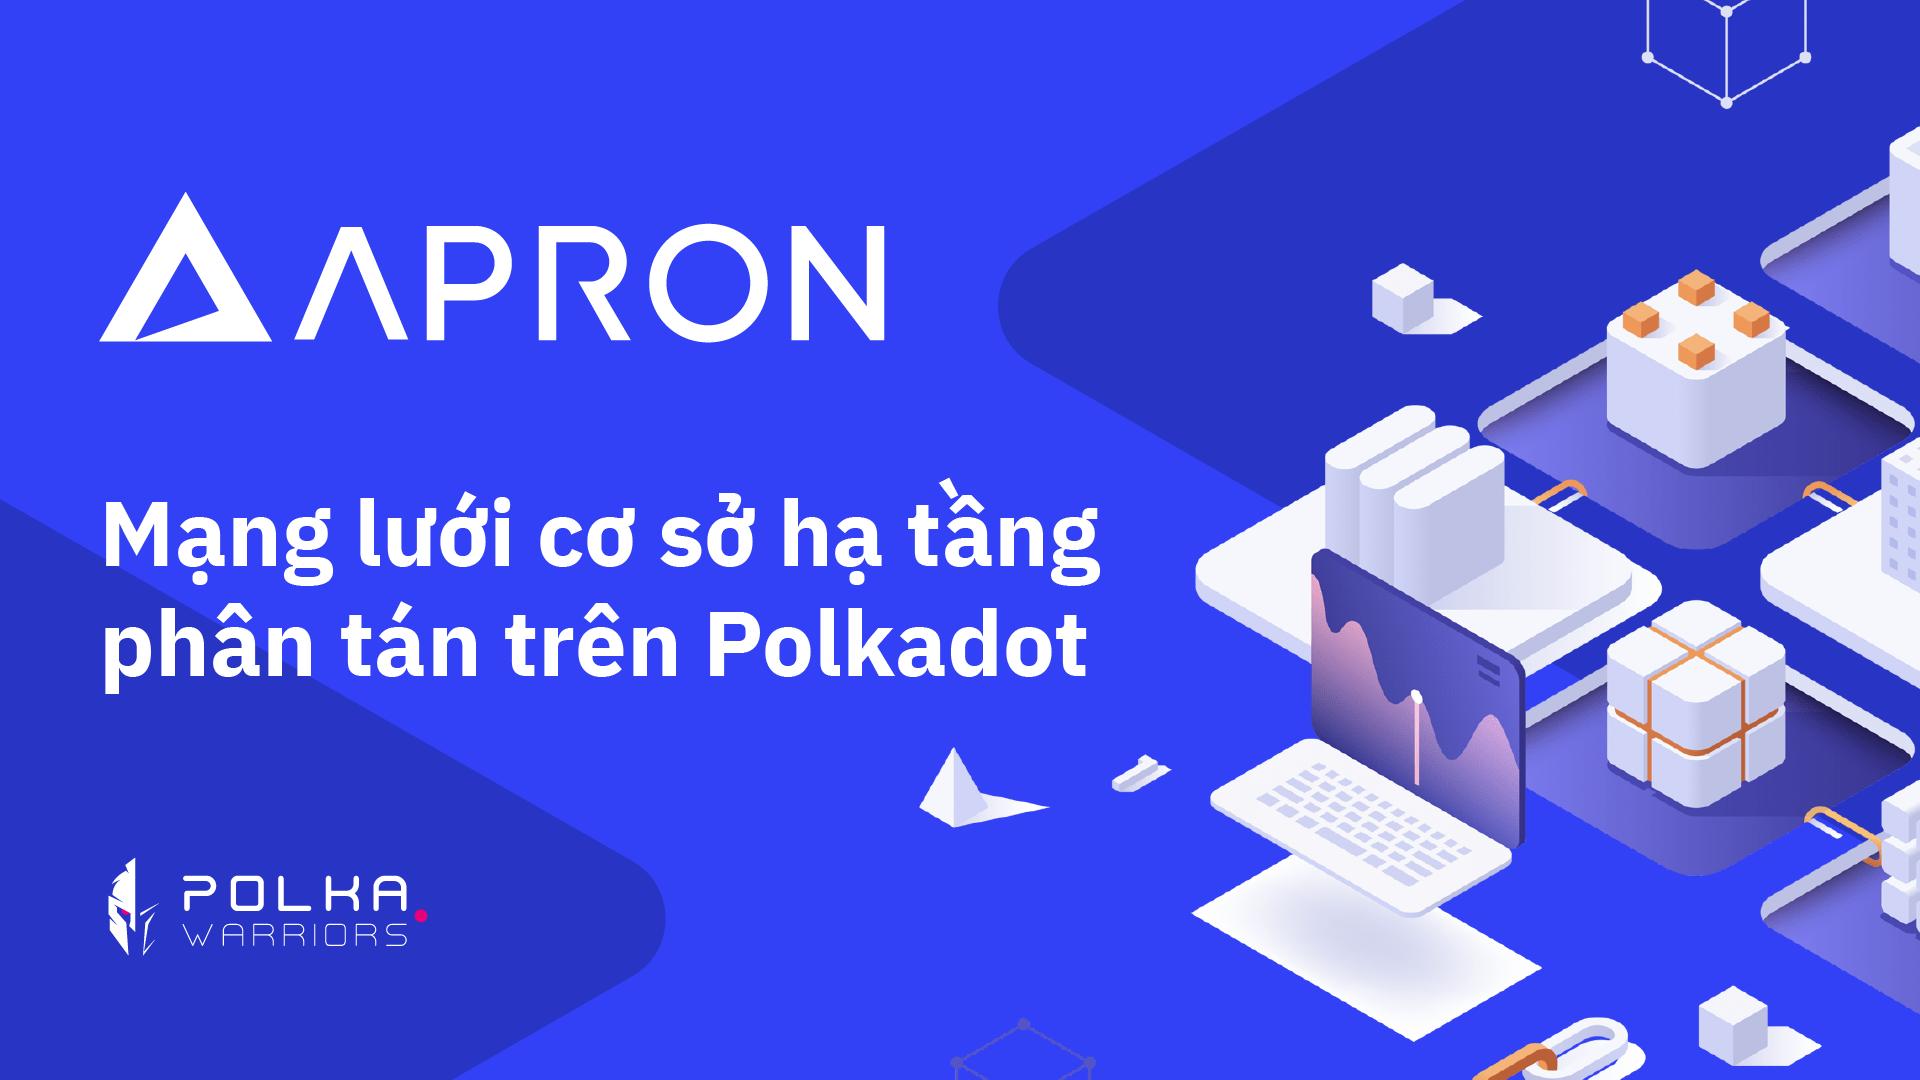 Apron Network: Mạng lưới cơ sở hạ tầng phân tán trên Polkadot - Syndicator